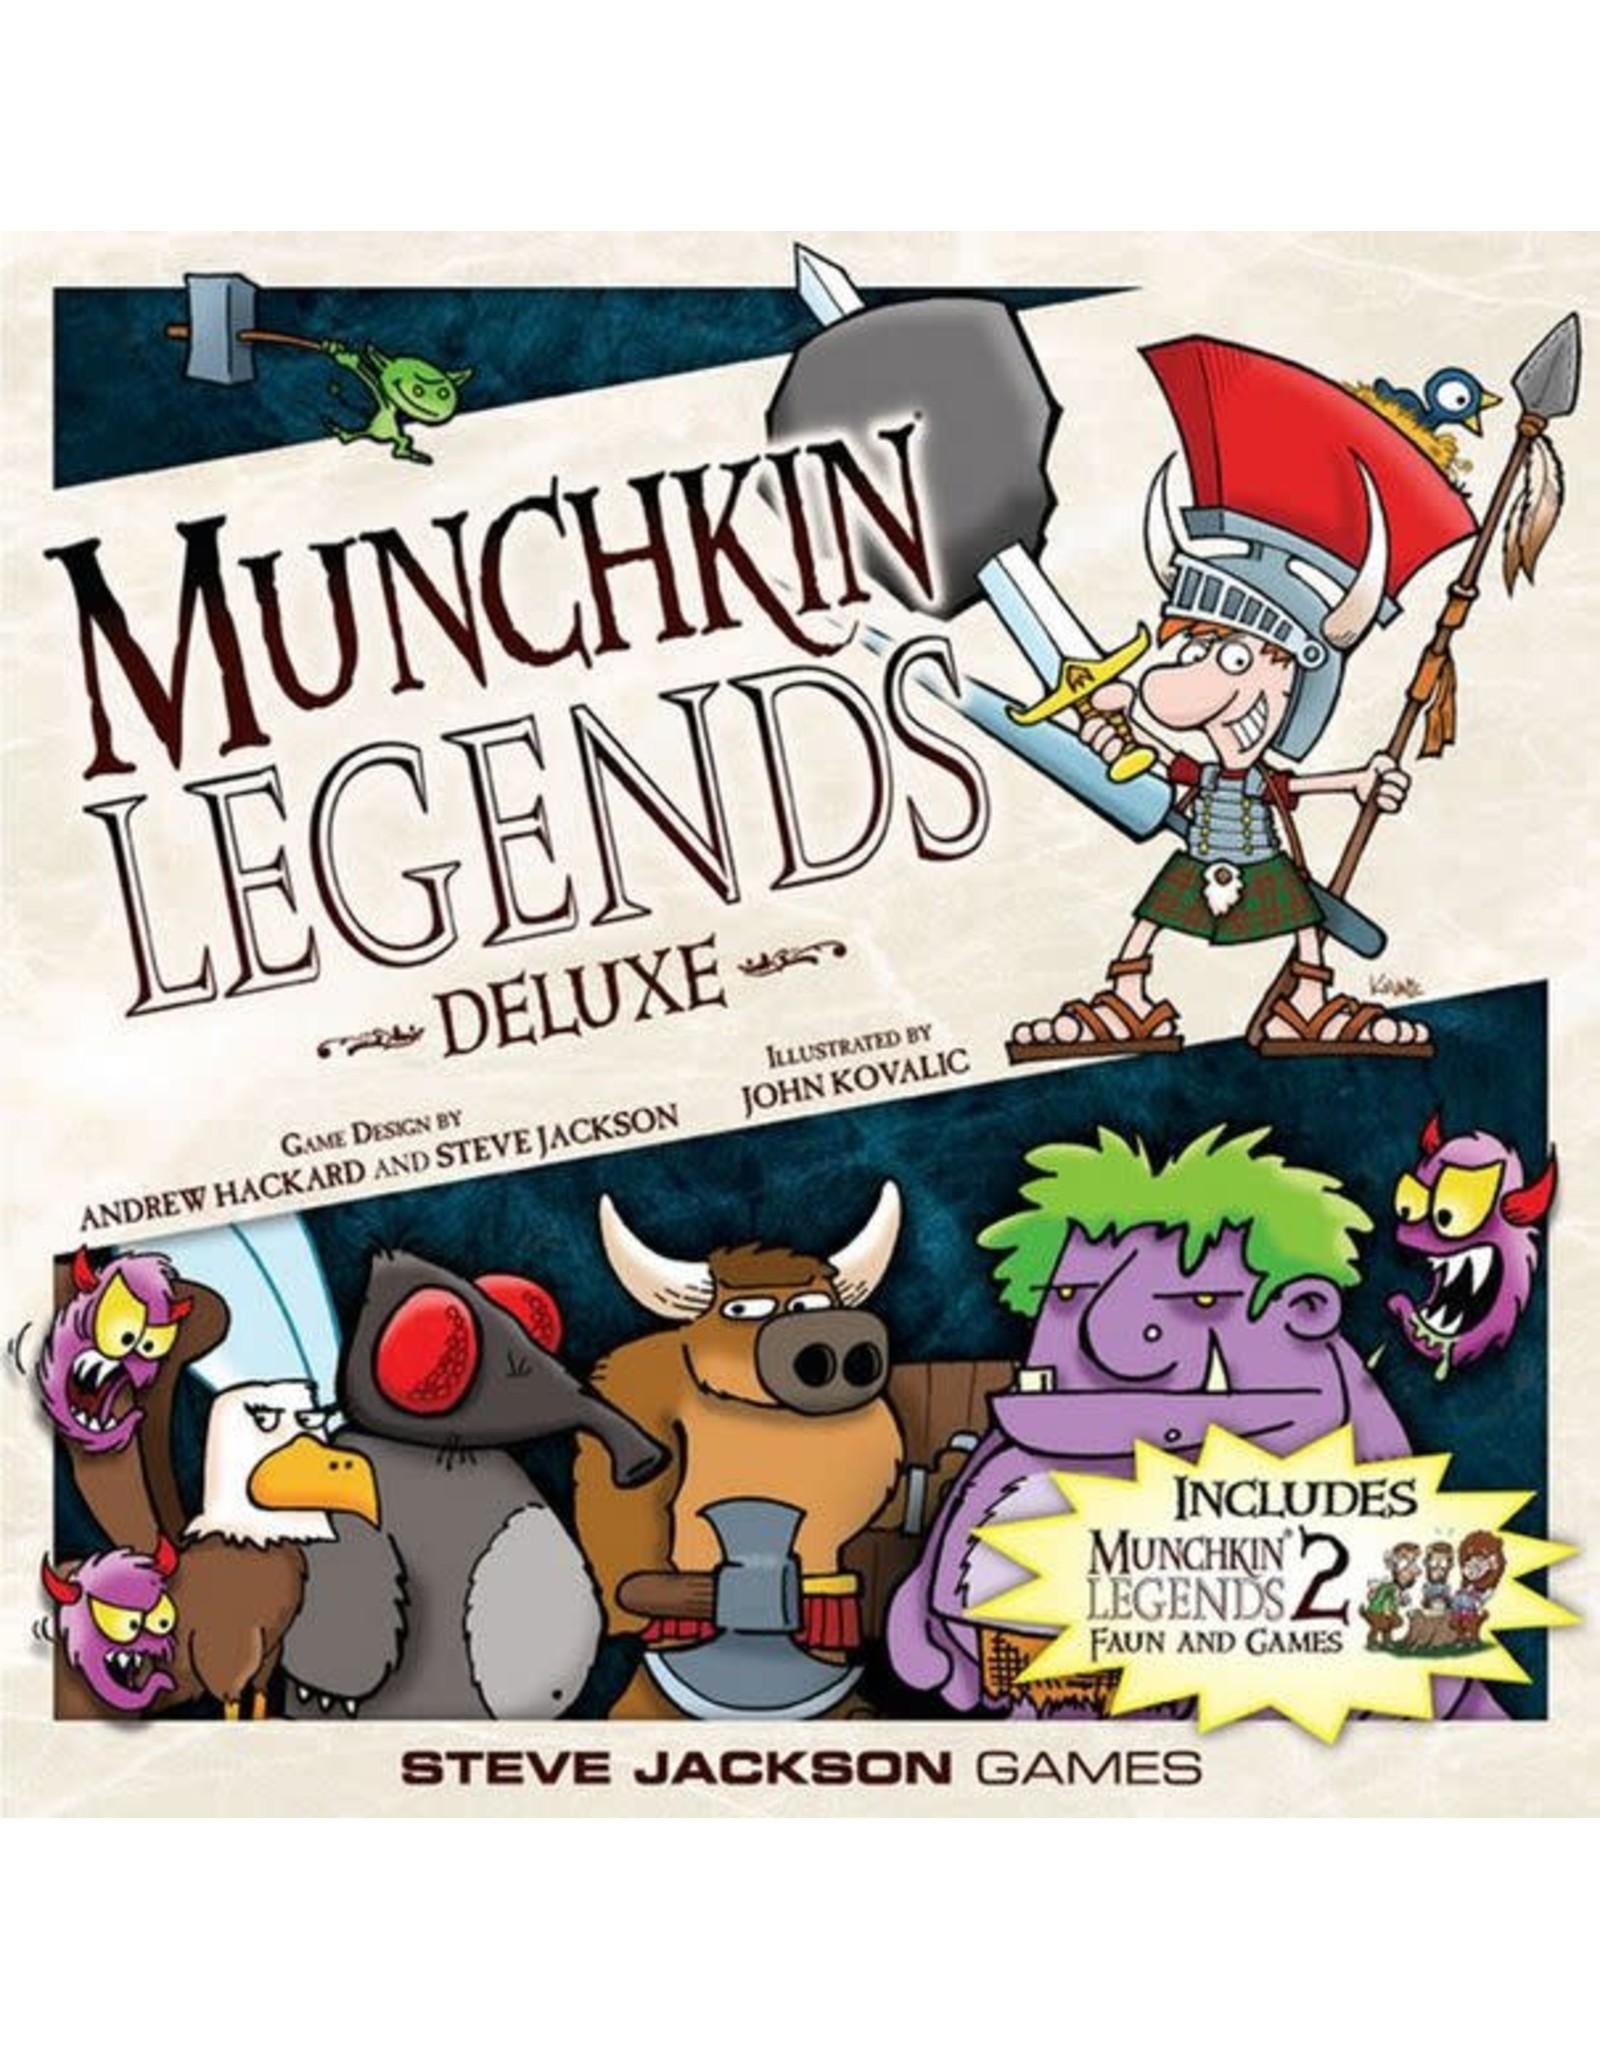 Munchkin Legends Deluxe